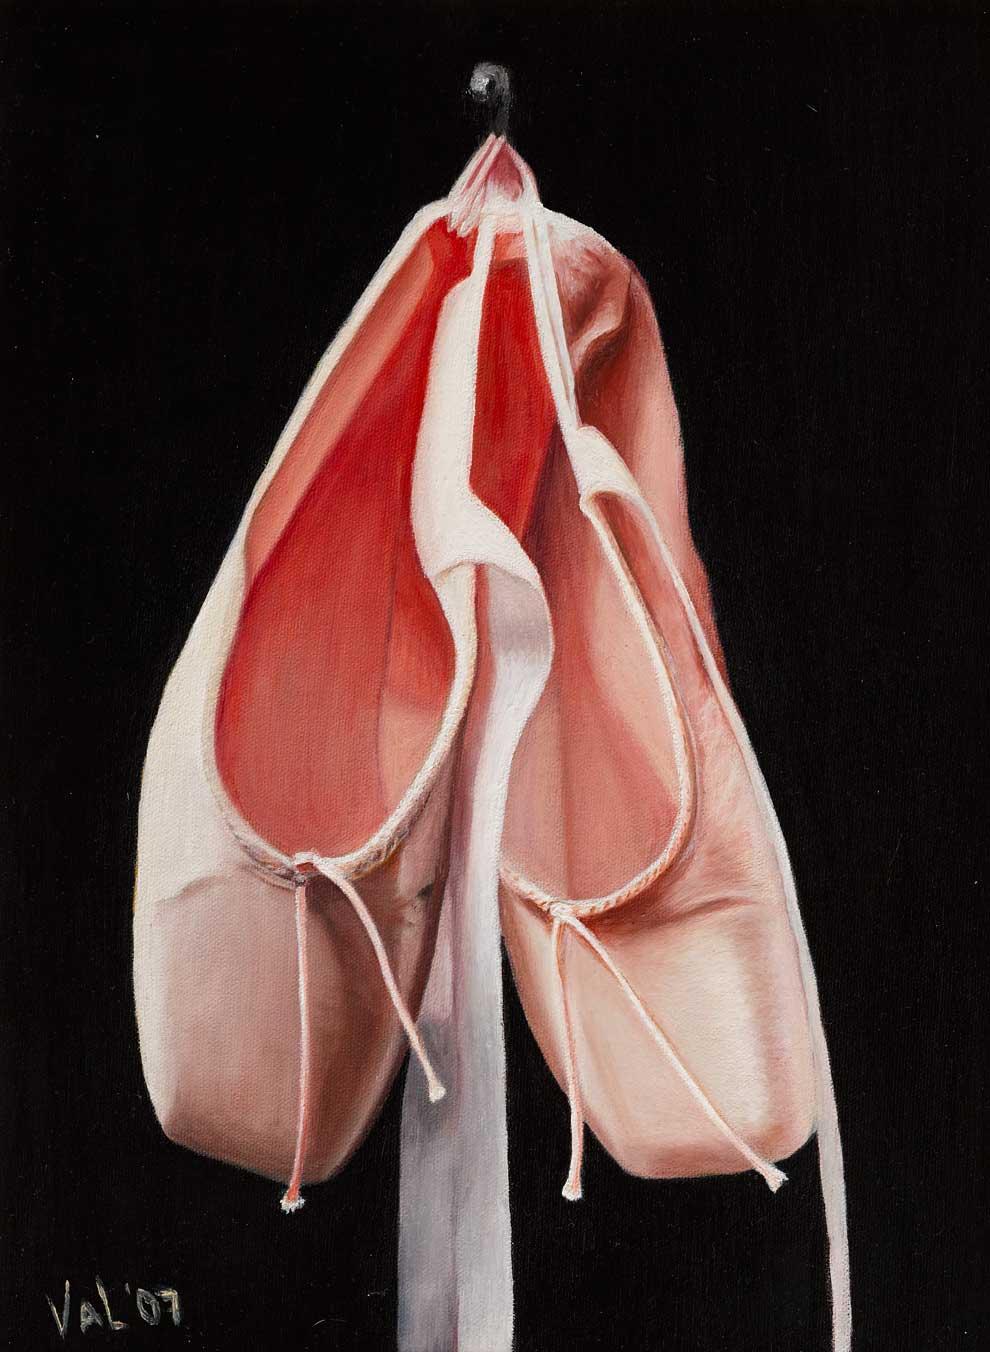 ballet-shoes-40hx30w-cm_990